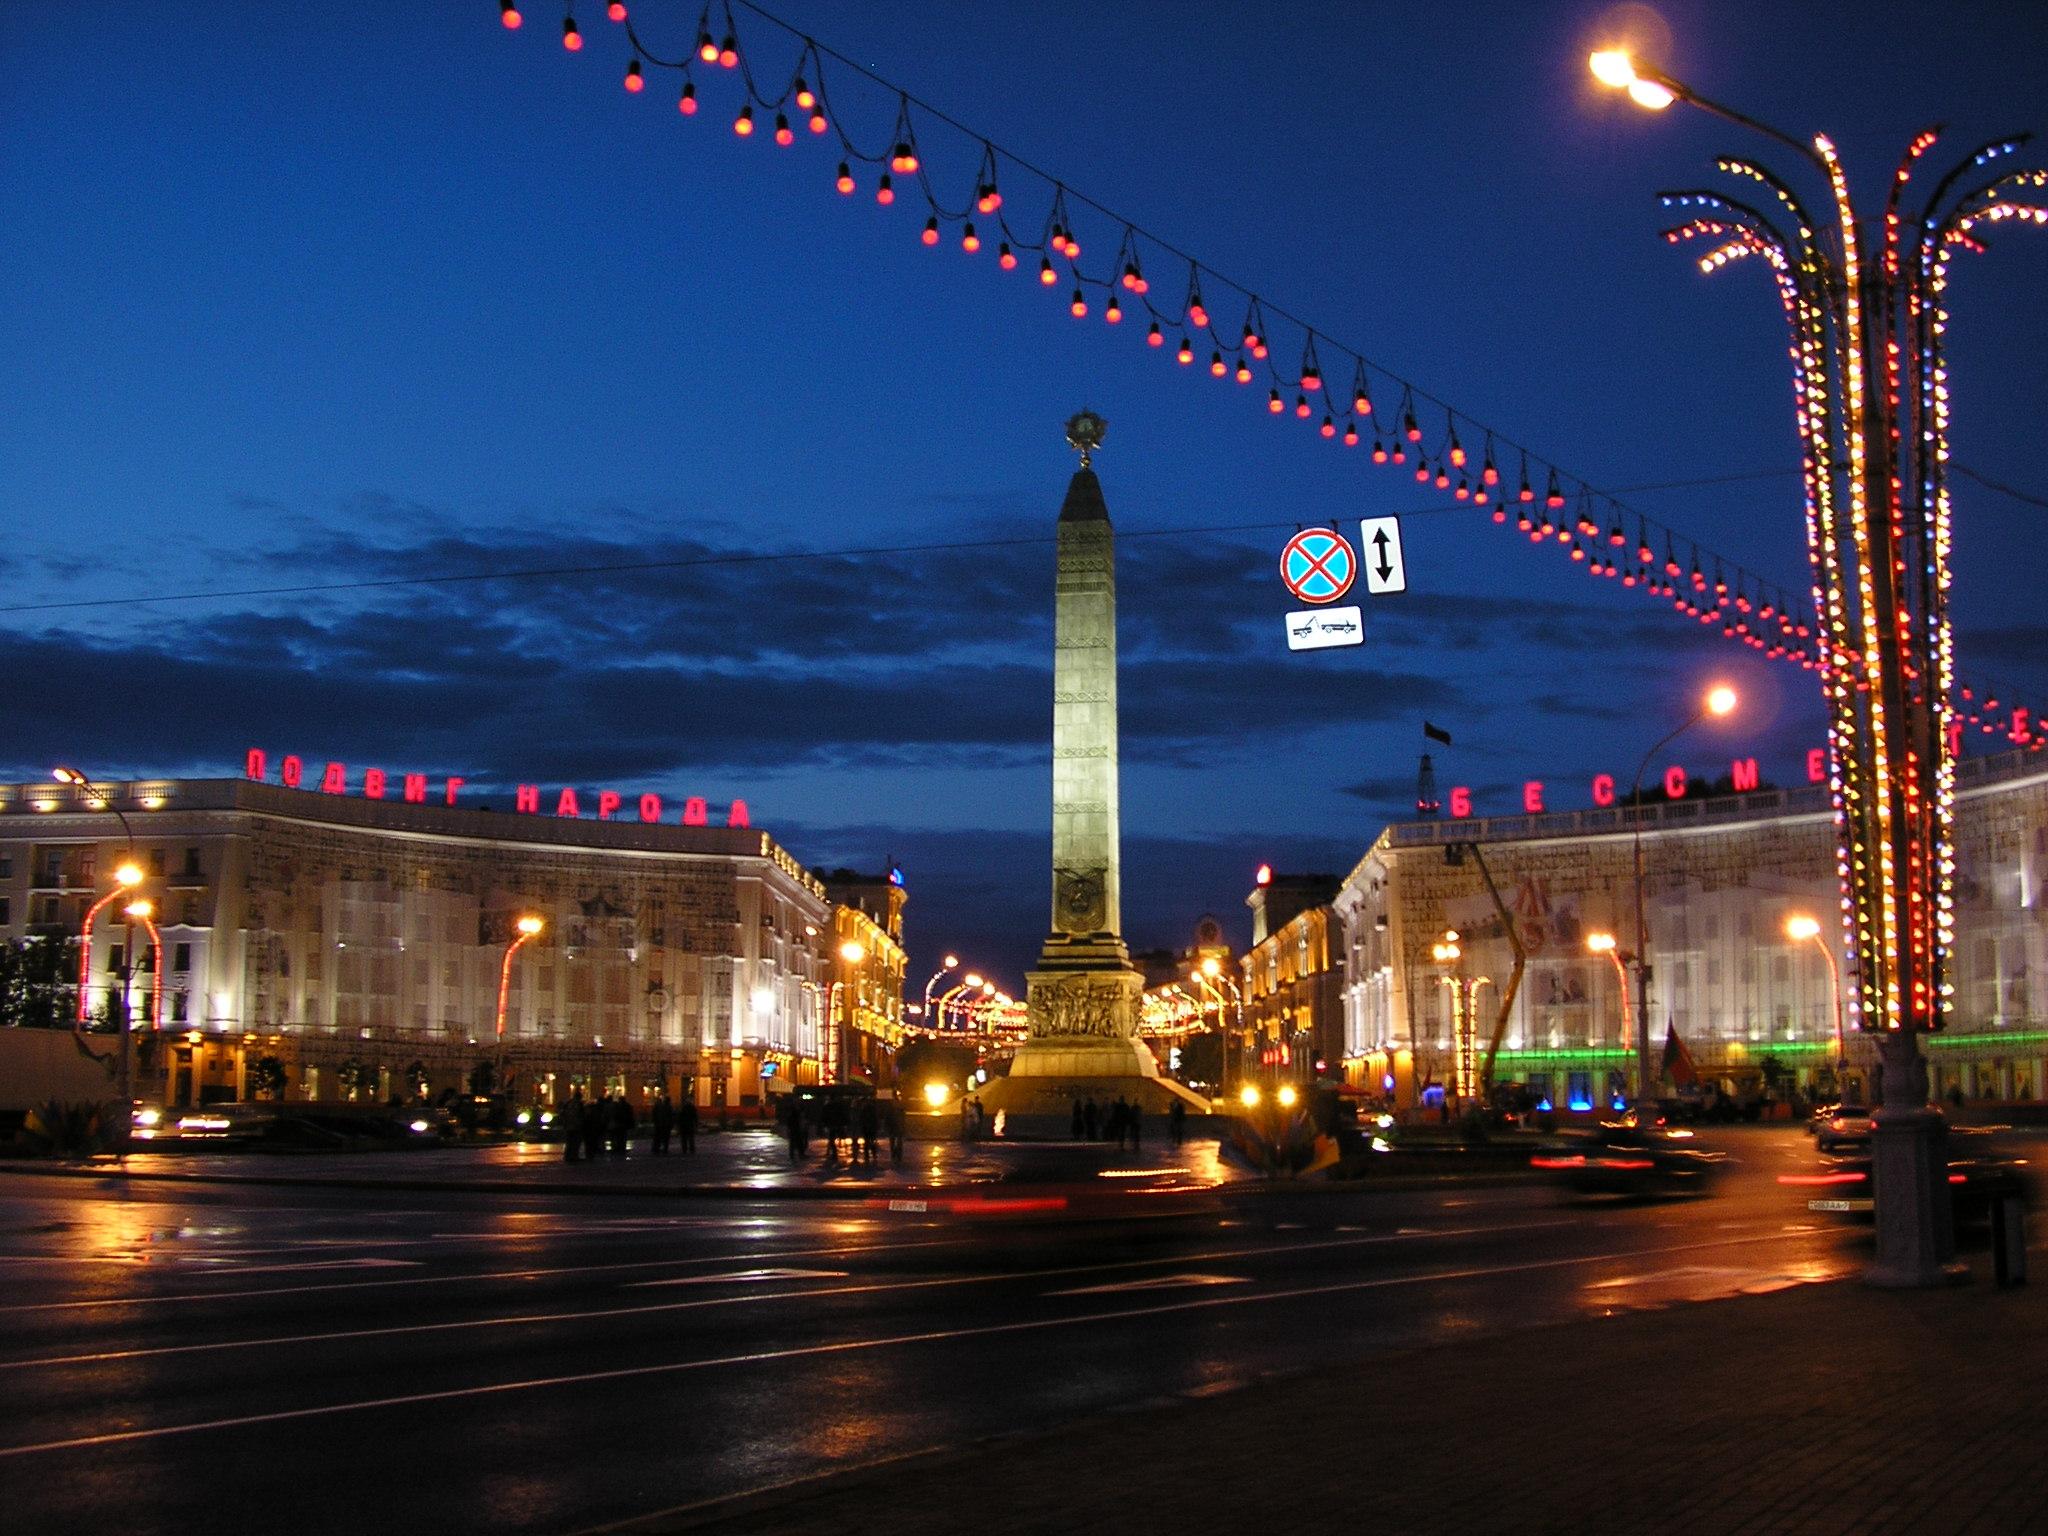 hvad er hovedstaden i hviderusland